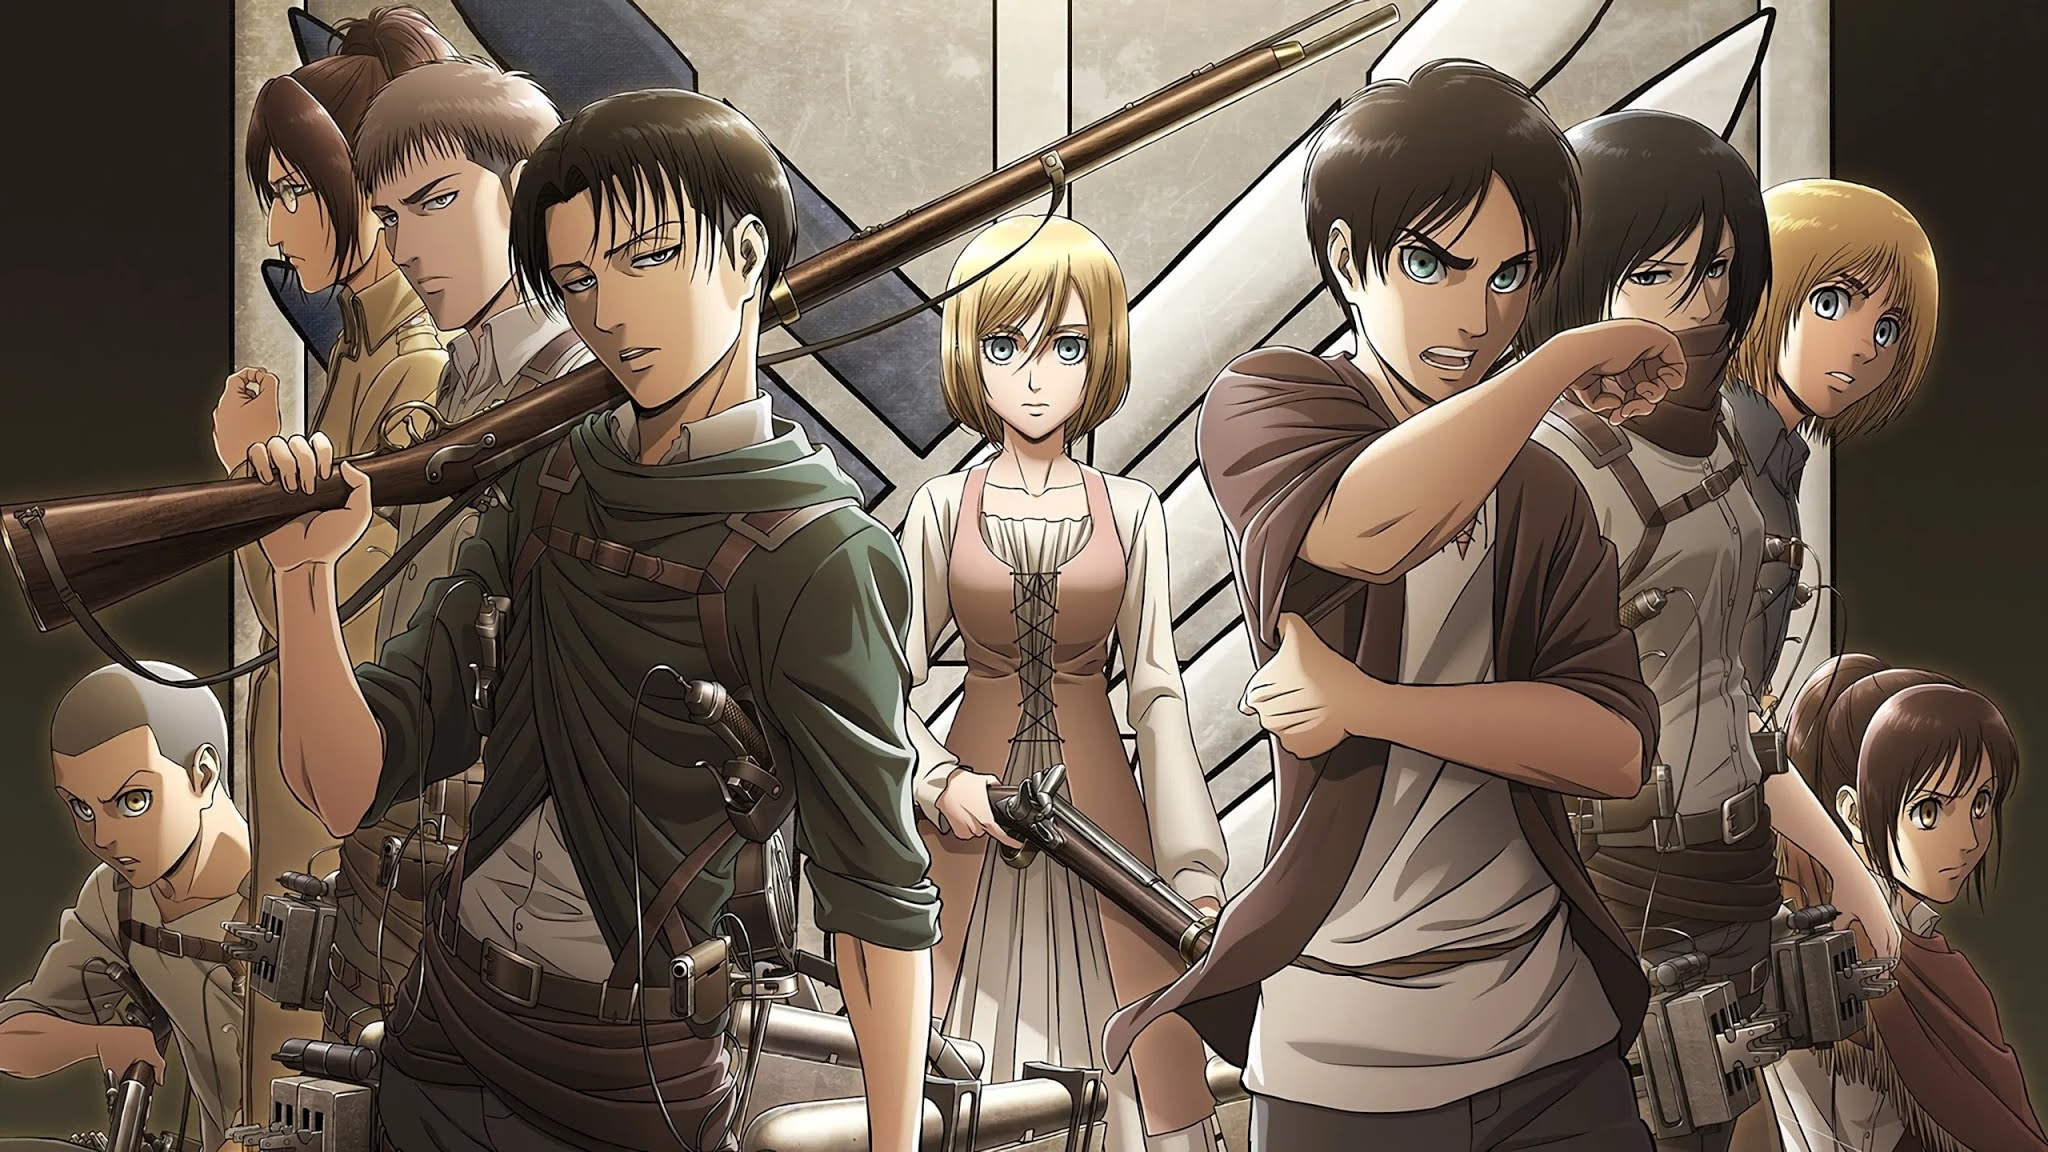 Shingeki no Kyojin Season 3 Part 2 wallpaper